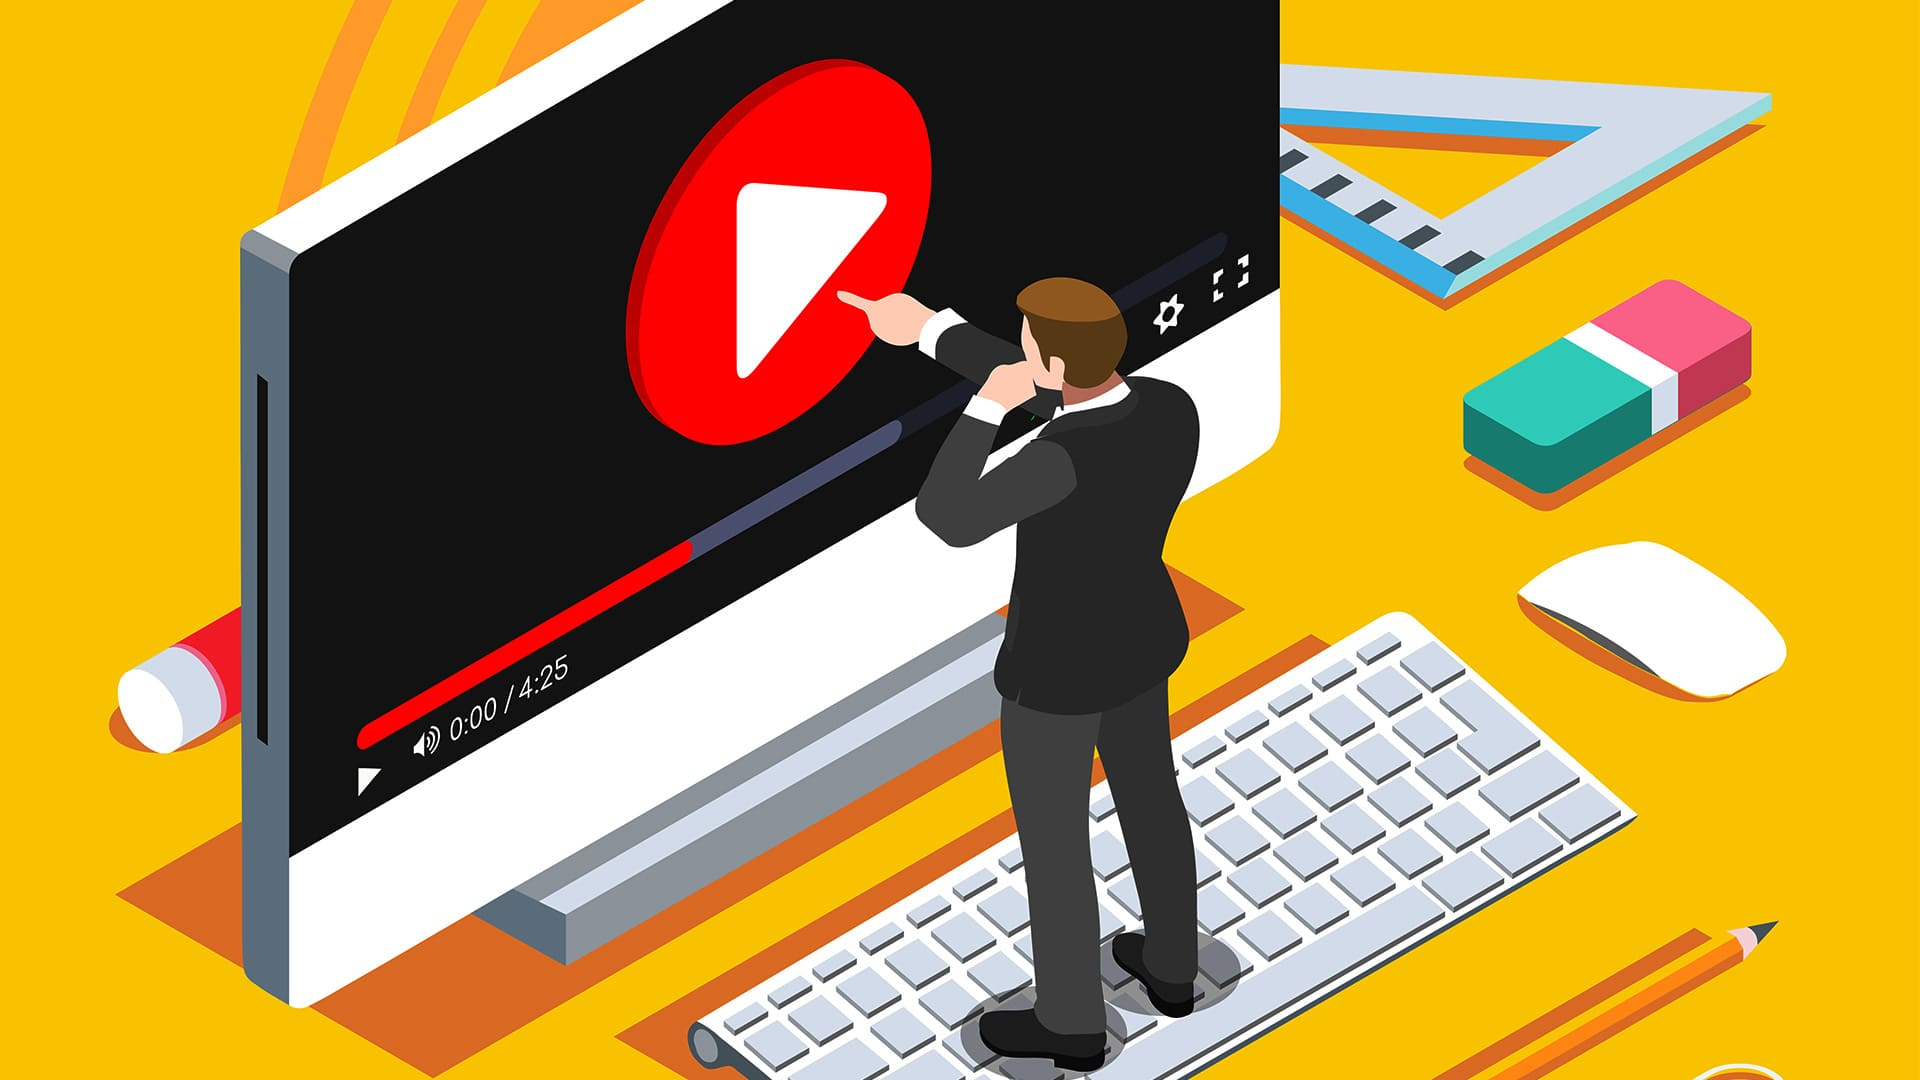 Thành Công Với Một Chiến Dịch Quảng Cáo Video